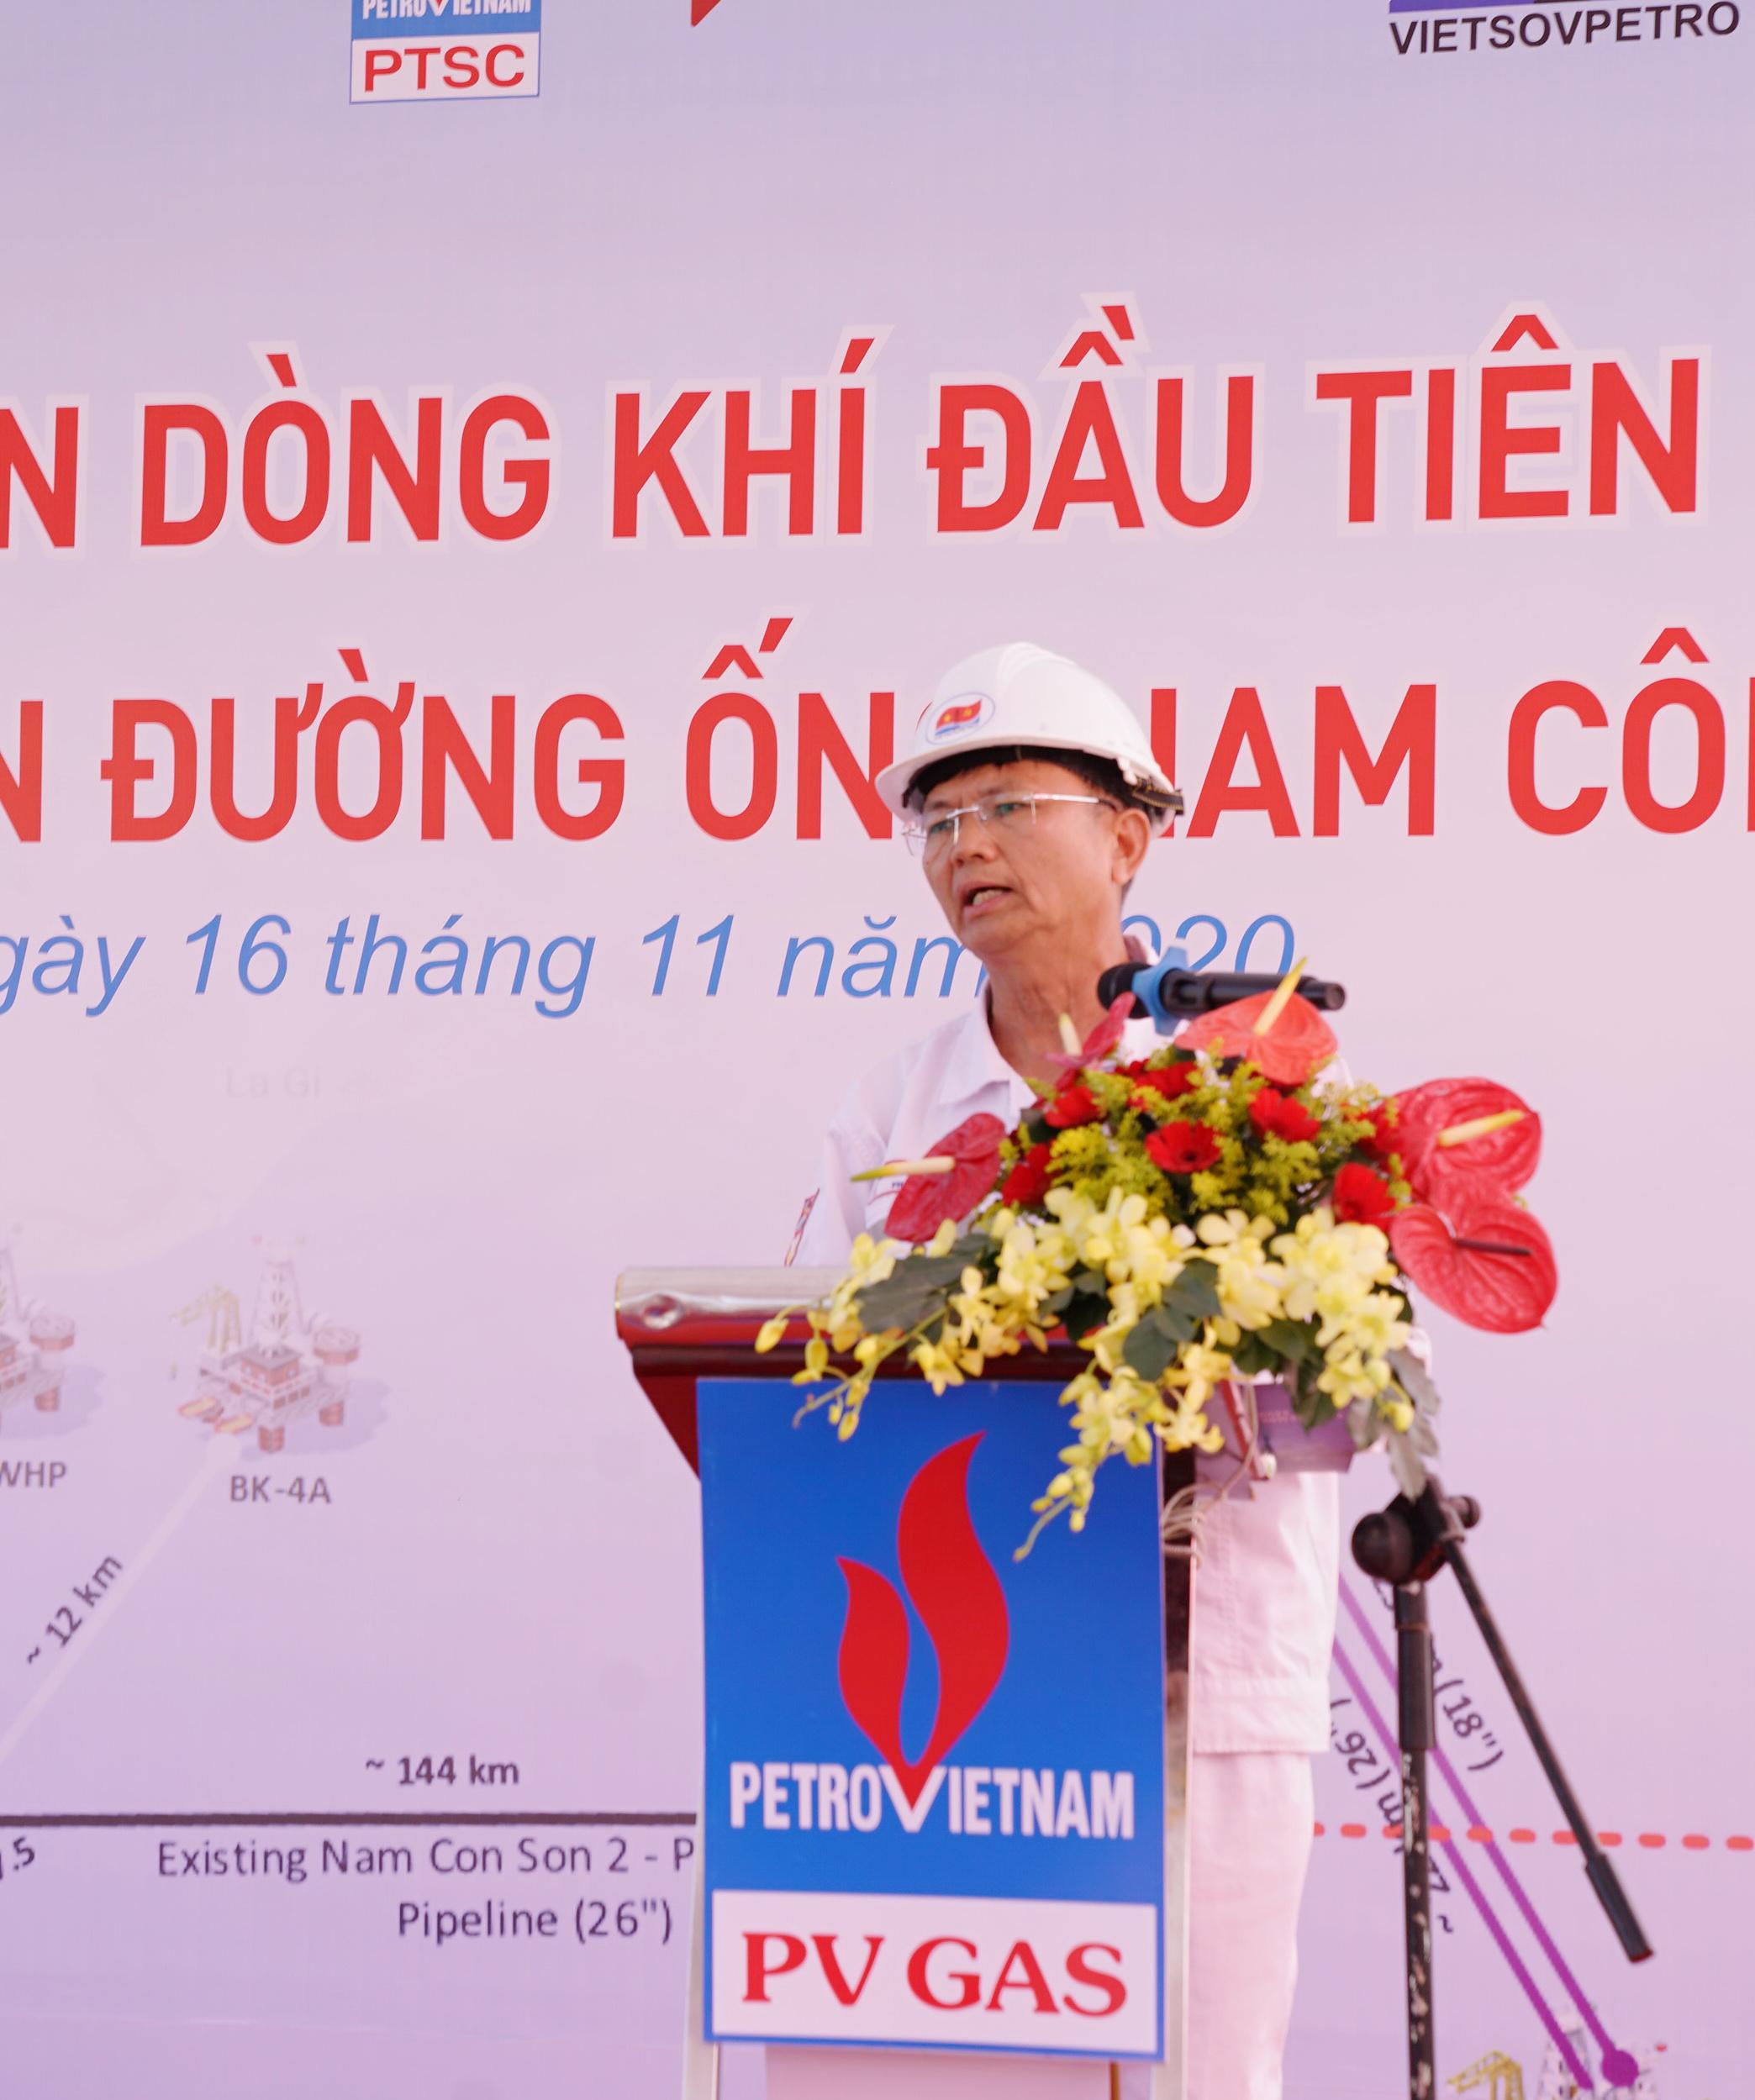 Phát biểu của PTGĐ Vietsovpetro Trần Xuân Hoàng